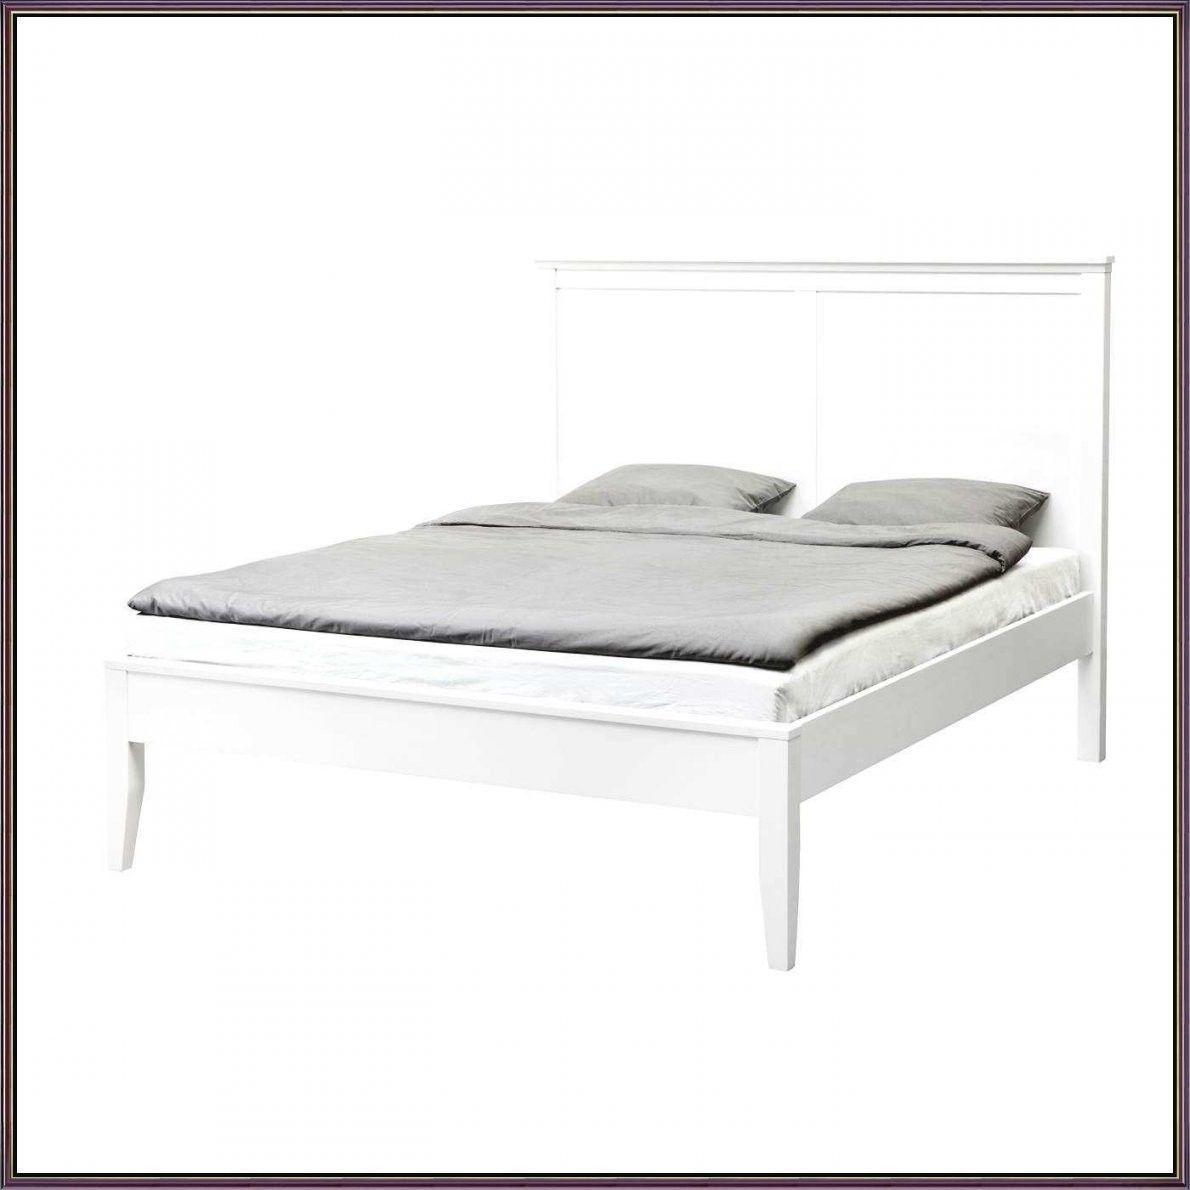 Ikea Malm Bett 140 200 Von Malm Bett 140x200 Weiss 140x200 Bett Ikea Malm Schlafzimmermalm Von Weiss In 2020 Ikea Malm Bett Bett 140x200 Weiss Bett 140x200